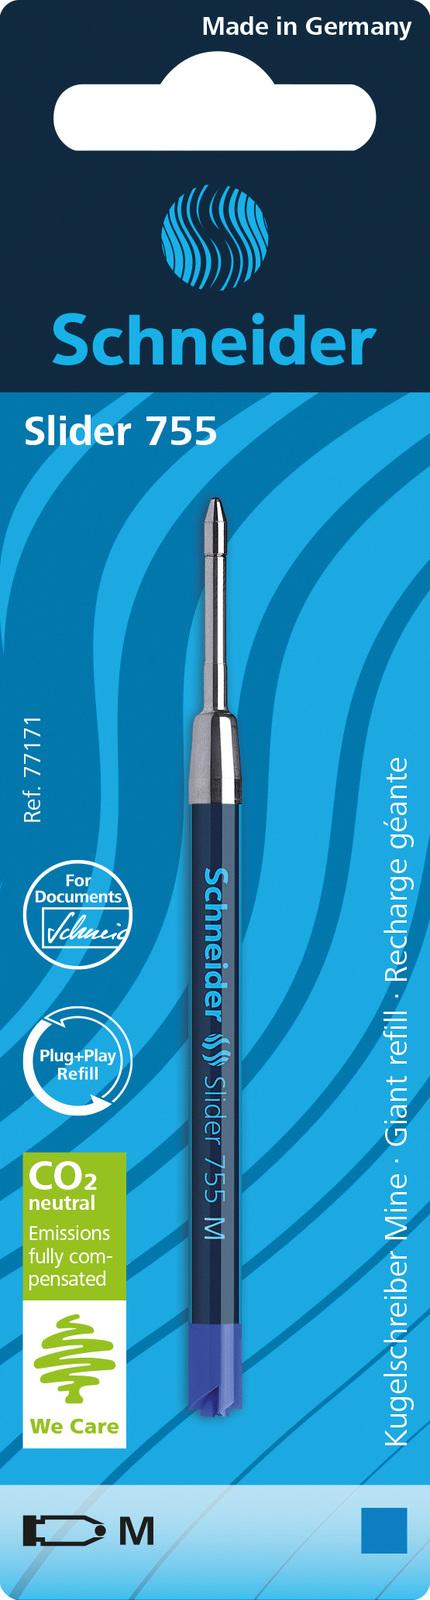 Schneider: Slider 755 Ballpoint Refill - Blue (M) image